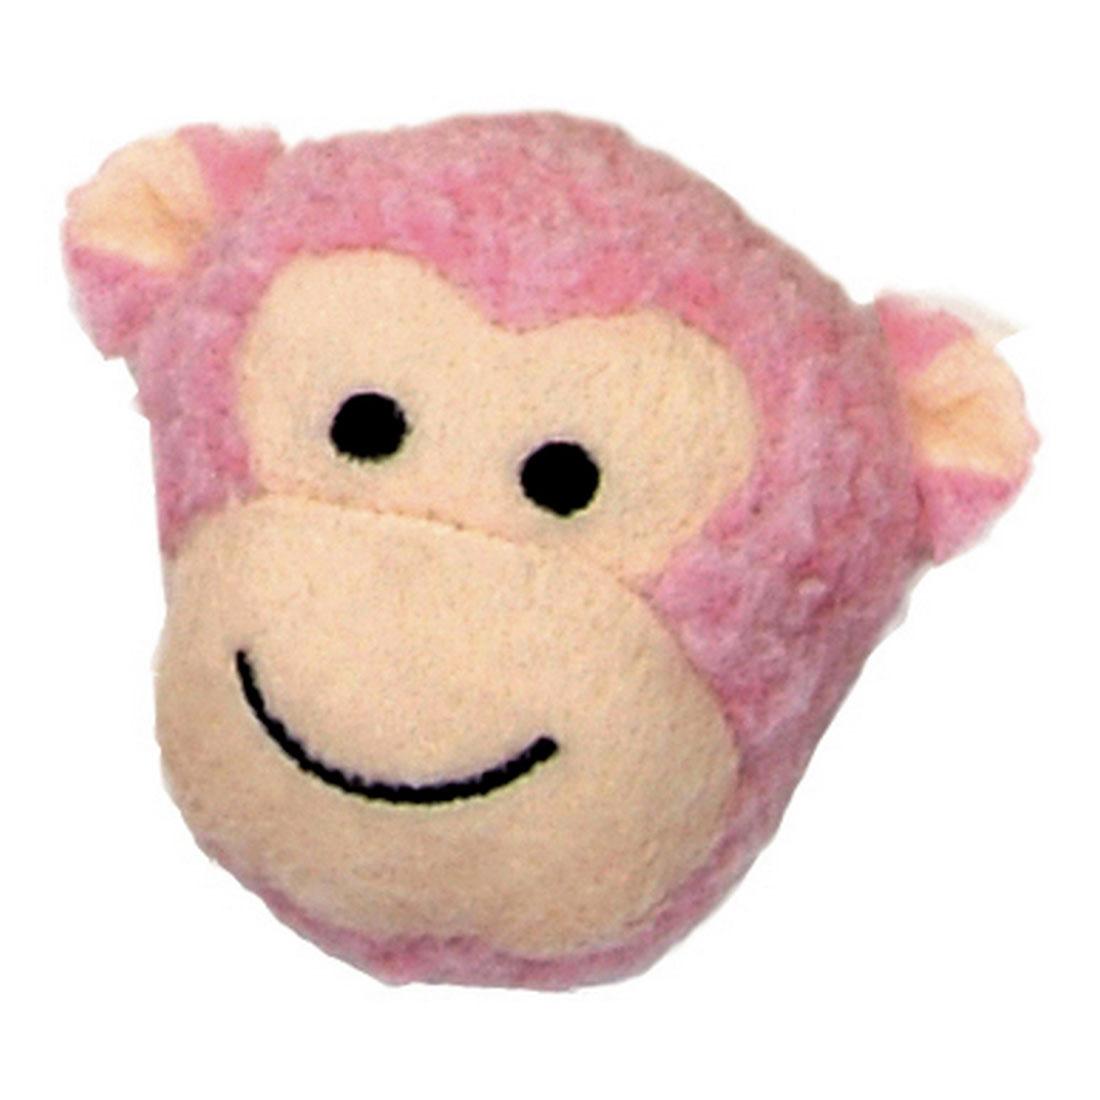 Li'l Pals Fleece Dog Toys, Monkey